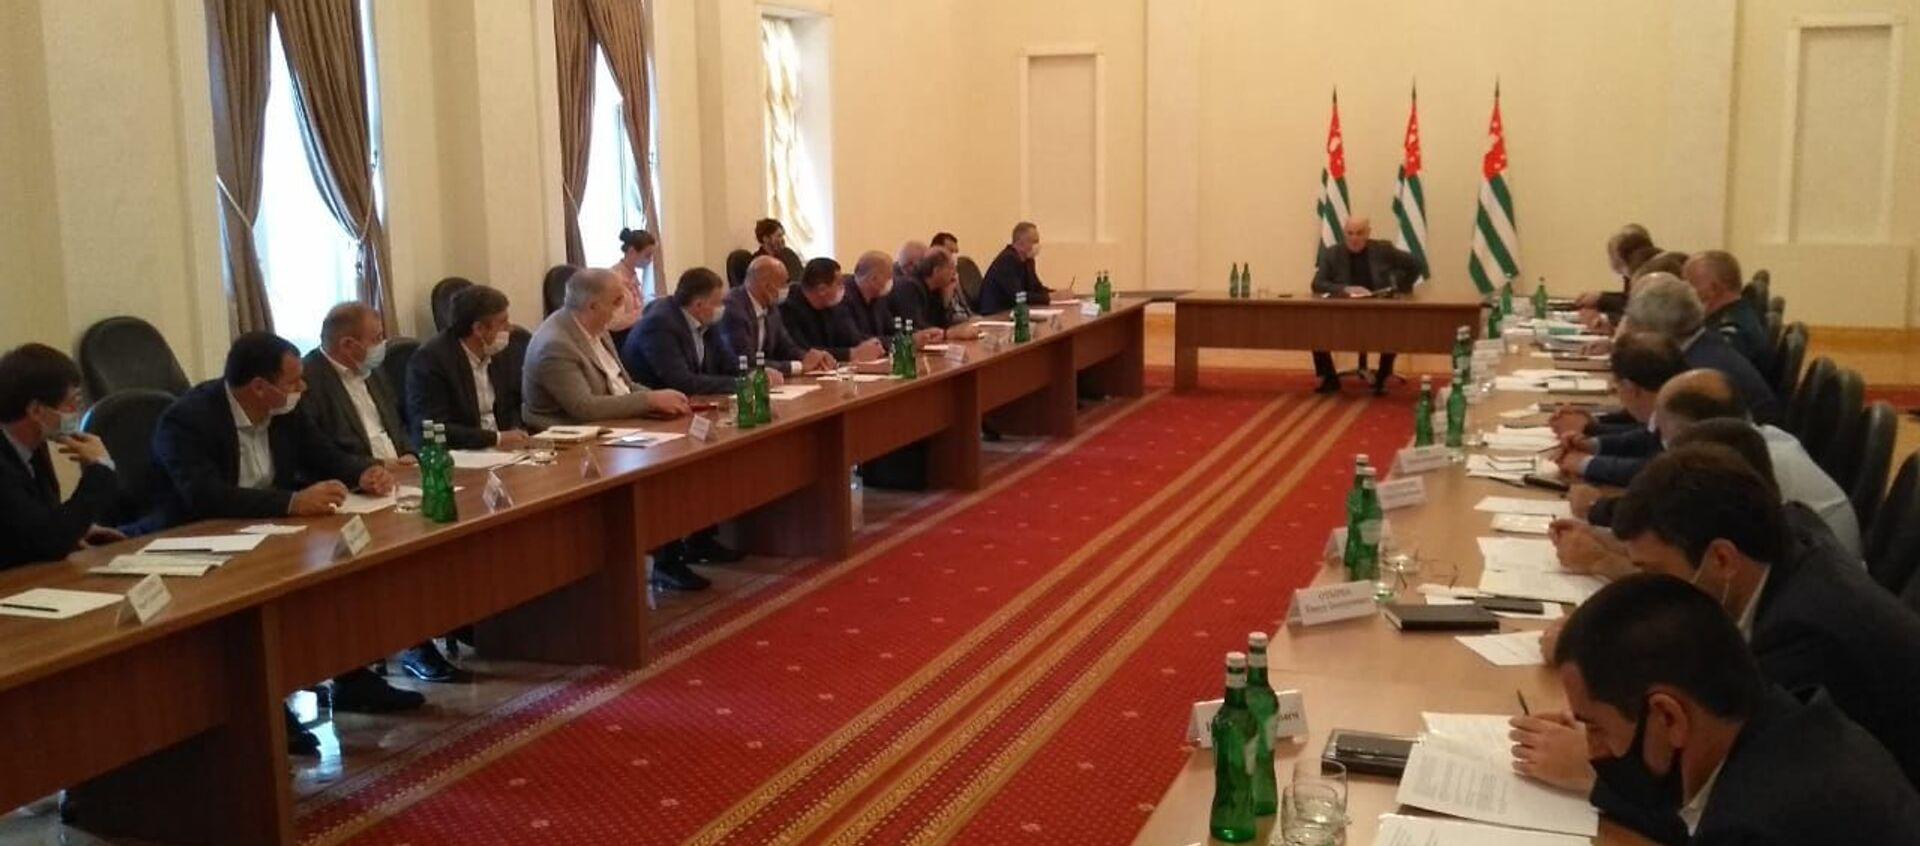 Президент Аслан Бжания провел рабочее совещание с участием членов правительства - Sputnik Абхазия, 1920, 12.07.2021